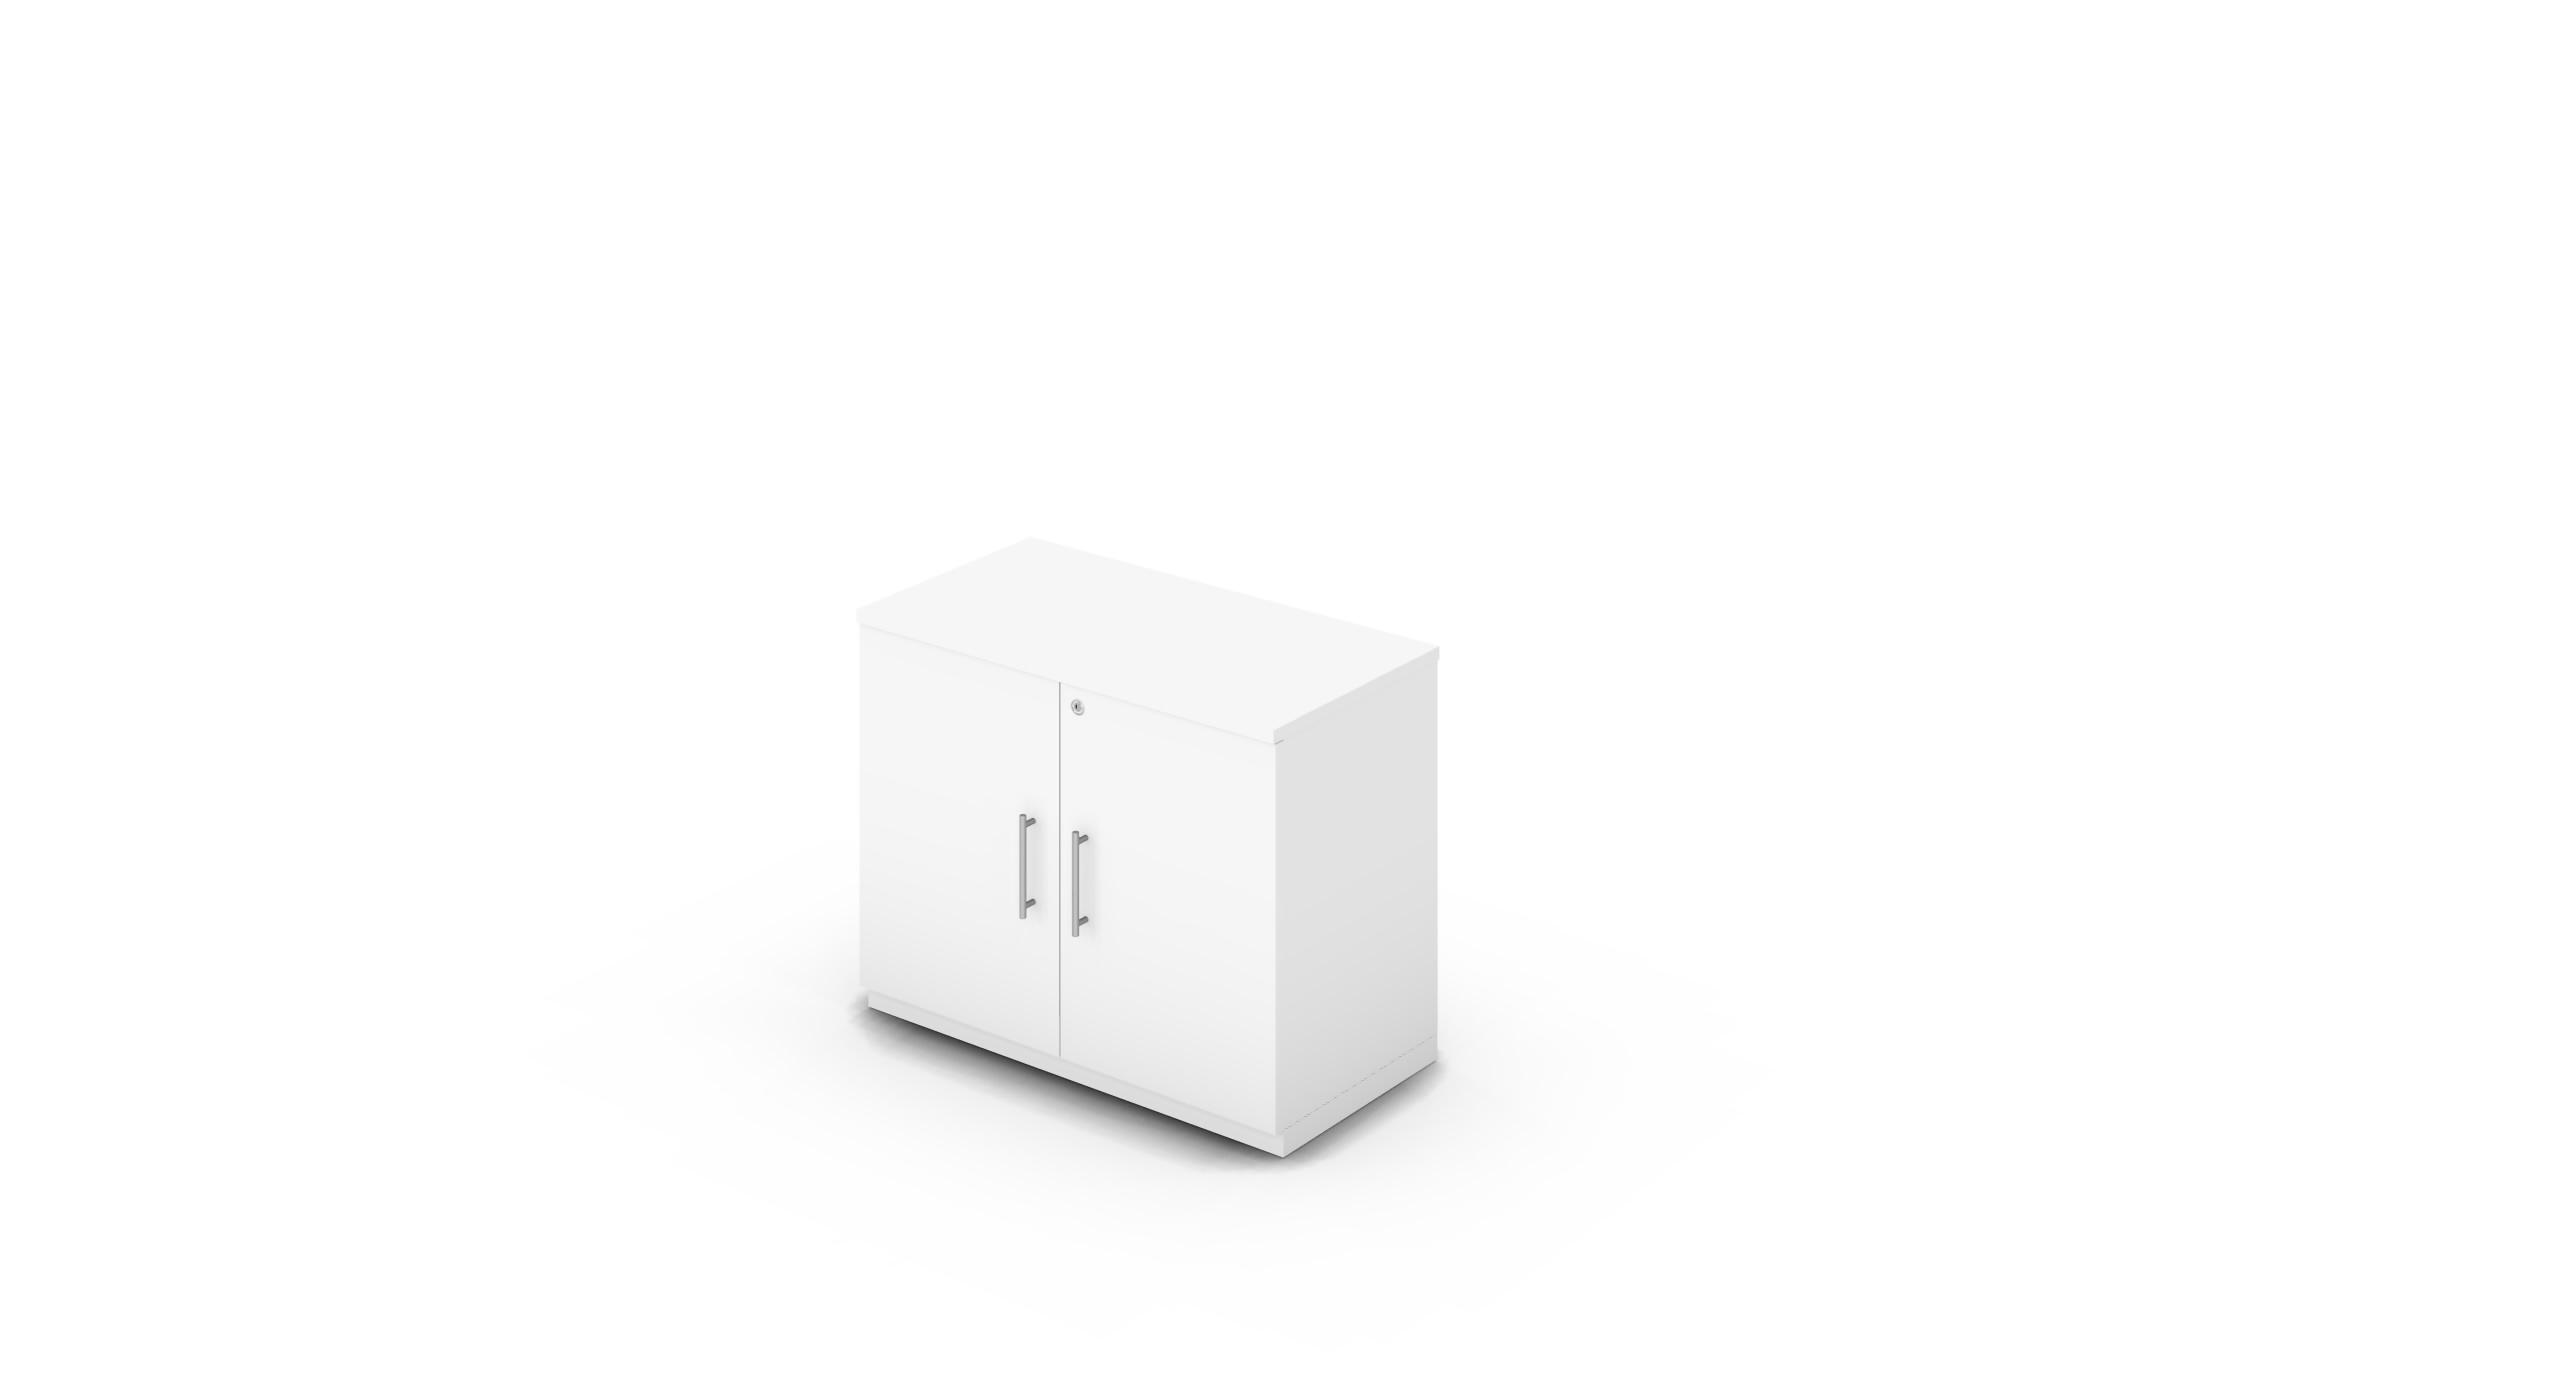 Cabinet_900x450x775_HD_White_Bar_Round_WithCylinder